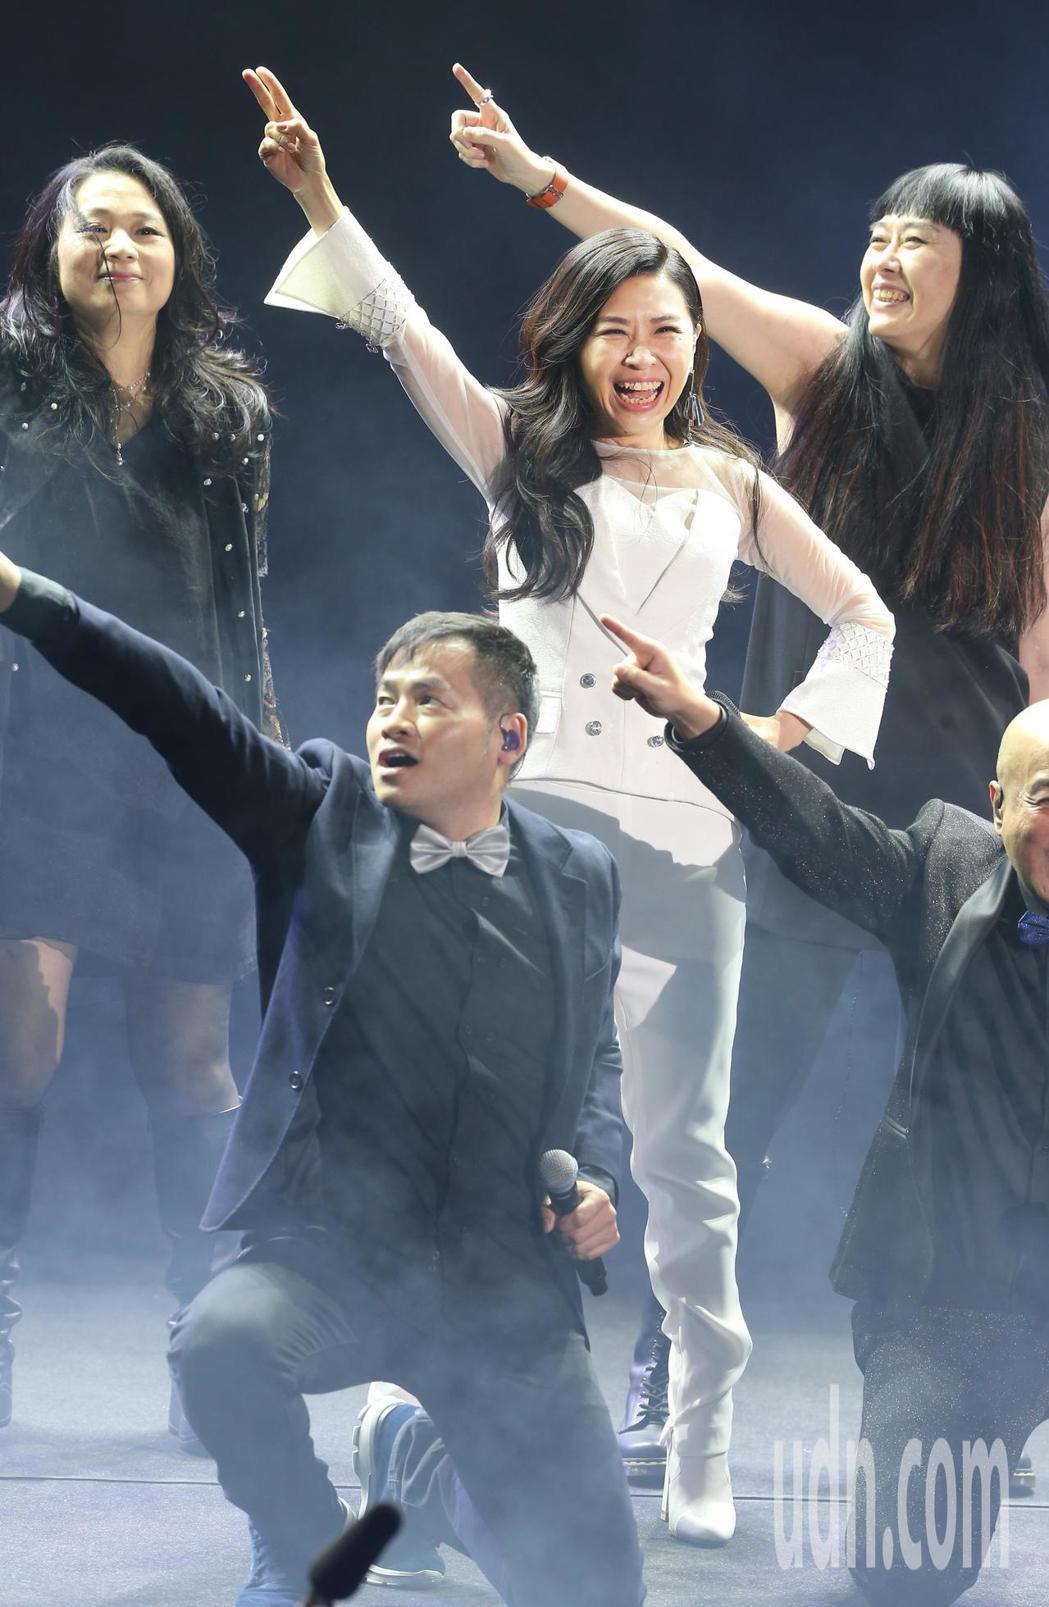 馬毓芬今天晚上在台北國際會議中心舉辦《愛的旅程》音樂會 。記者徐兆玄/攝影